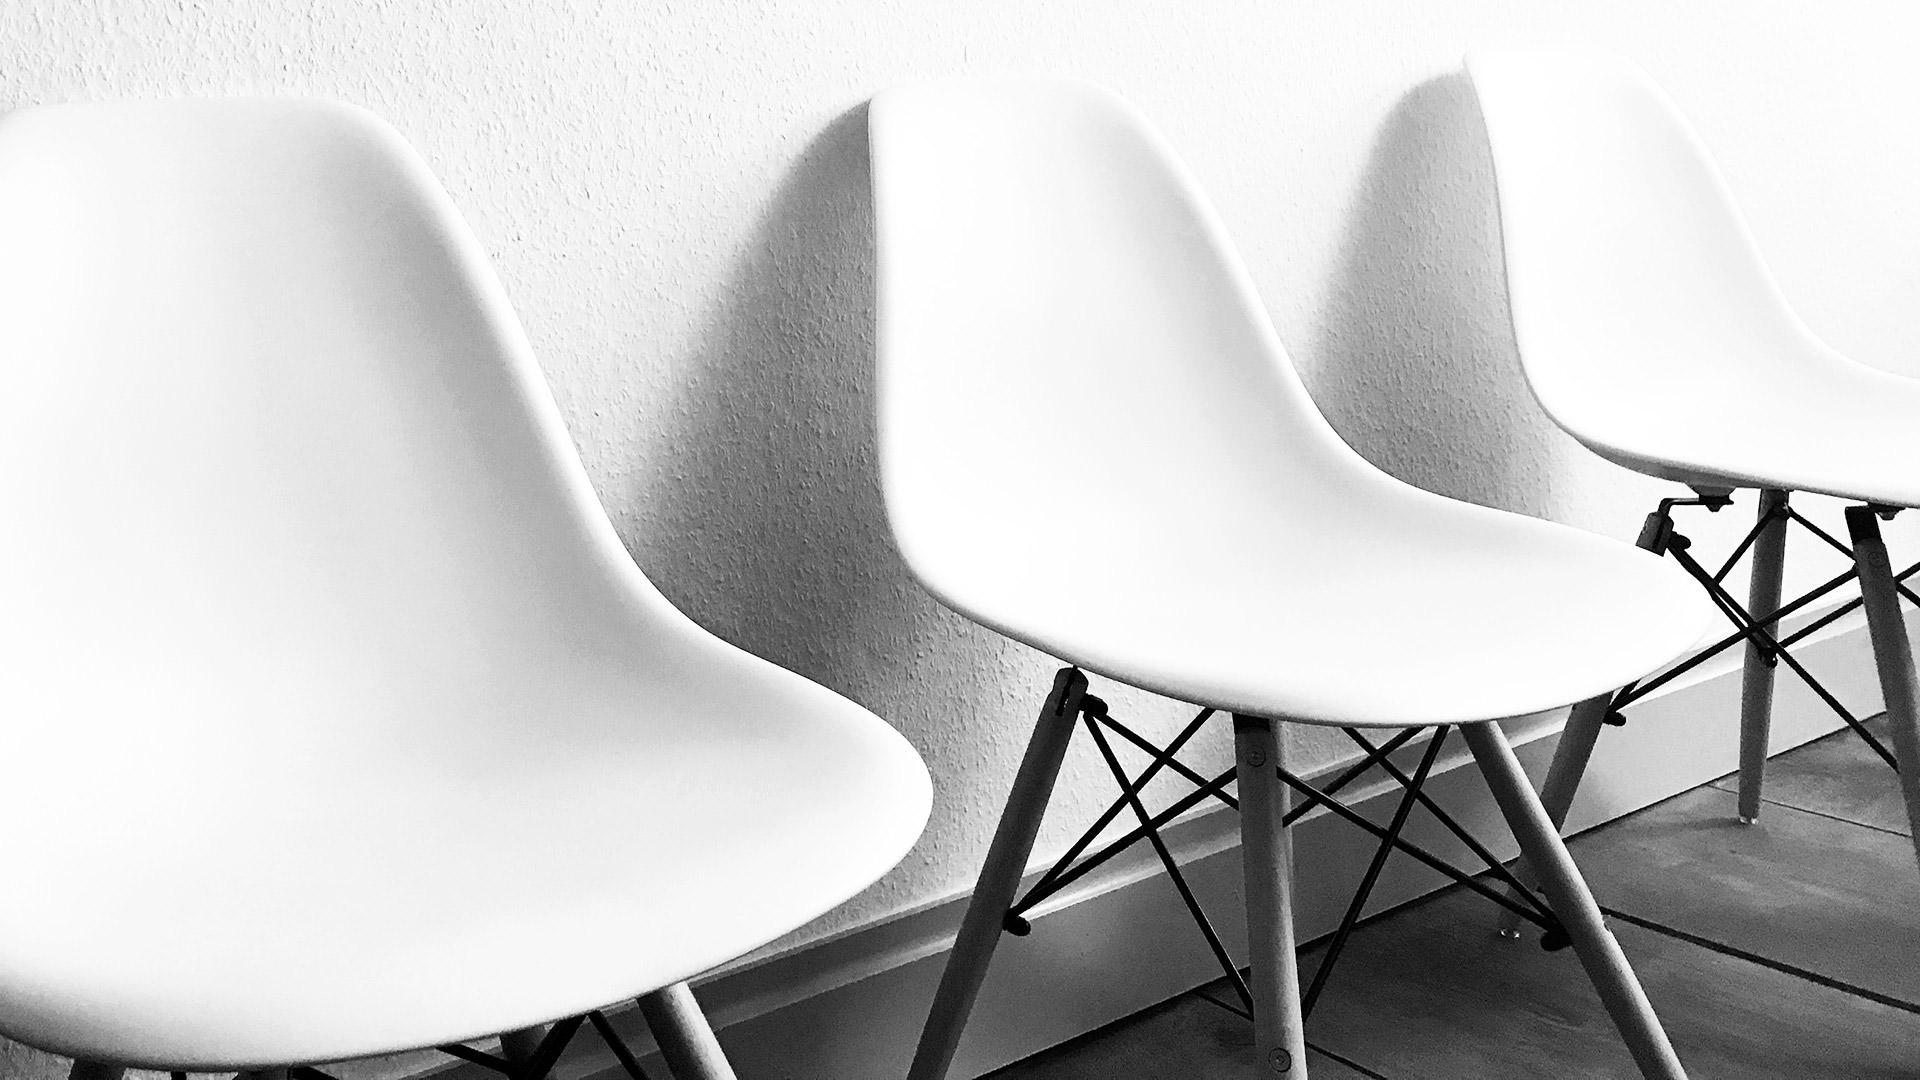 AMARETIS Agentur für Kommunikation Werbeagentur Göttingen Agentur Jobs freie Stühle